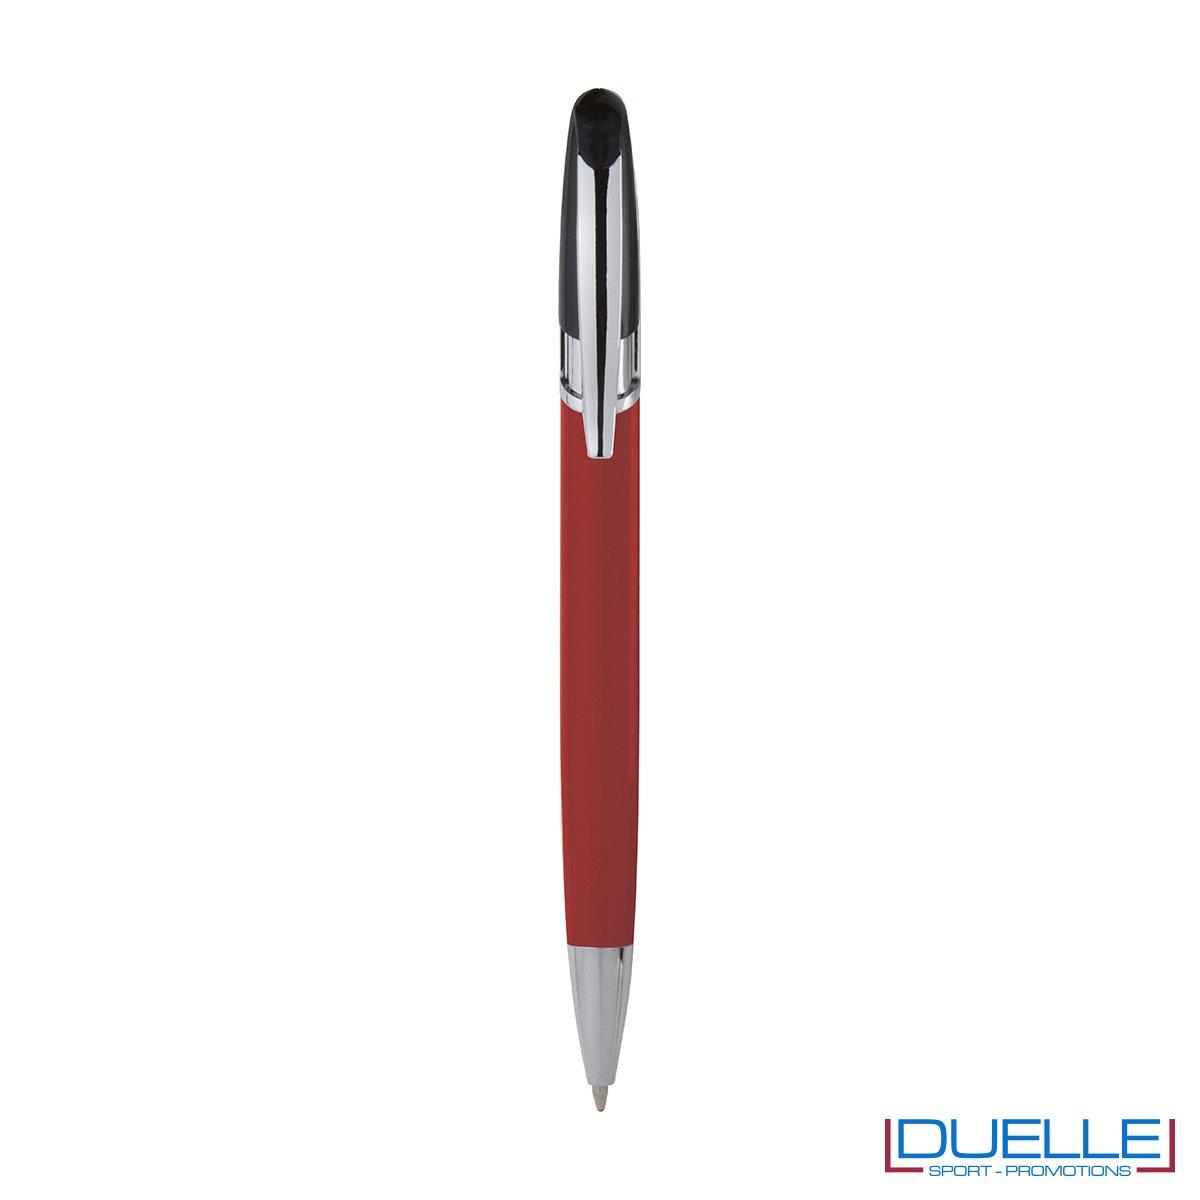 Penna personalizzata a sfera clip in metallo colore rosso